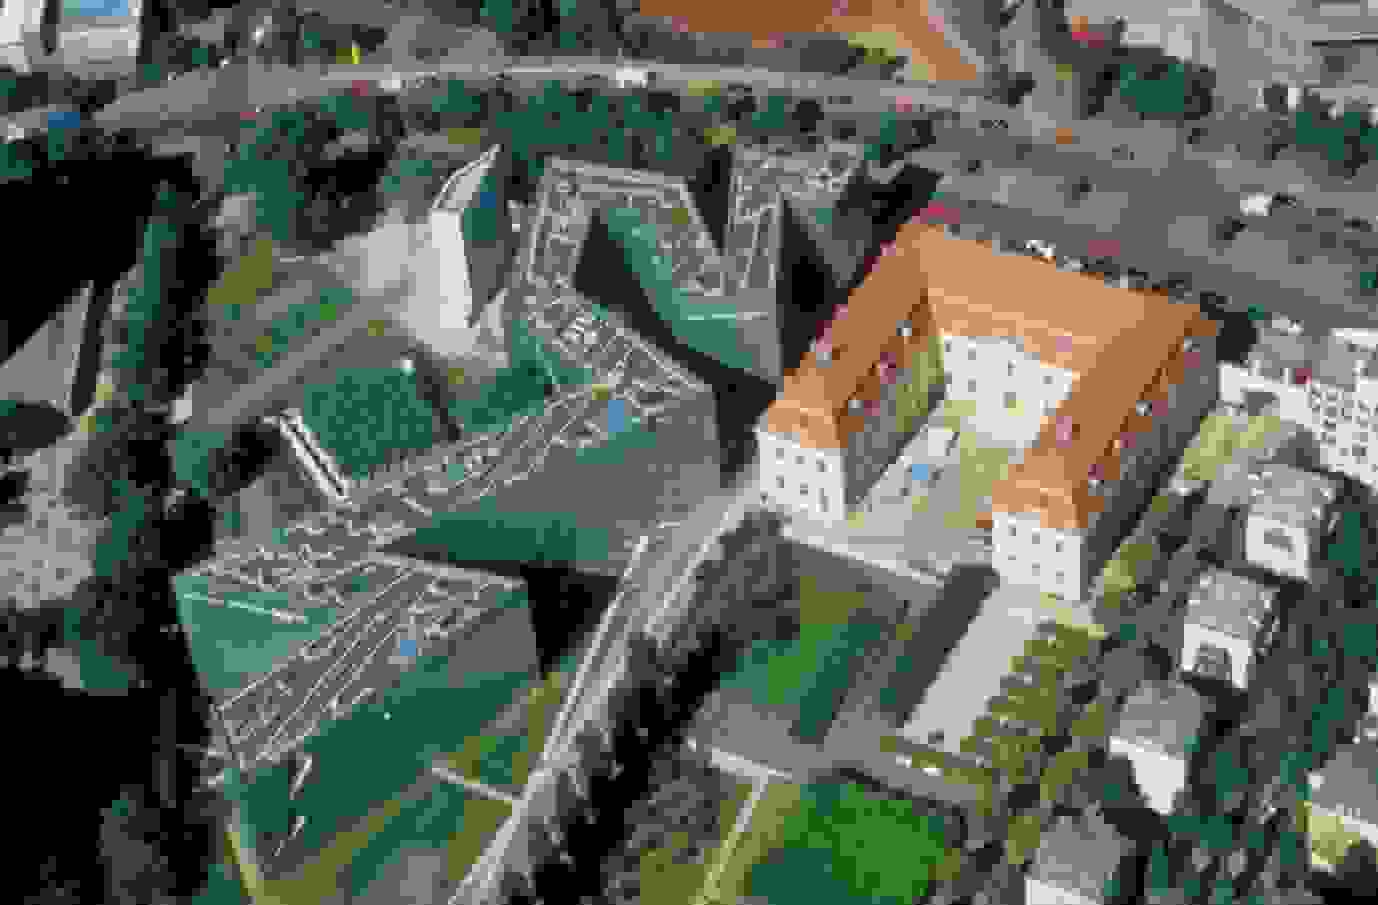 Image source: arch2o.com